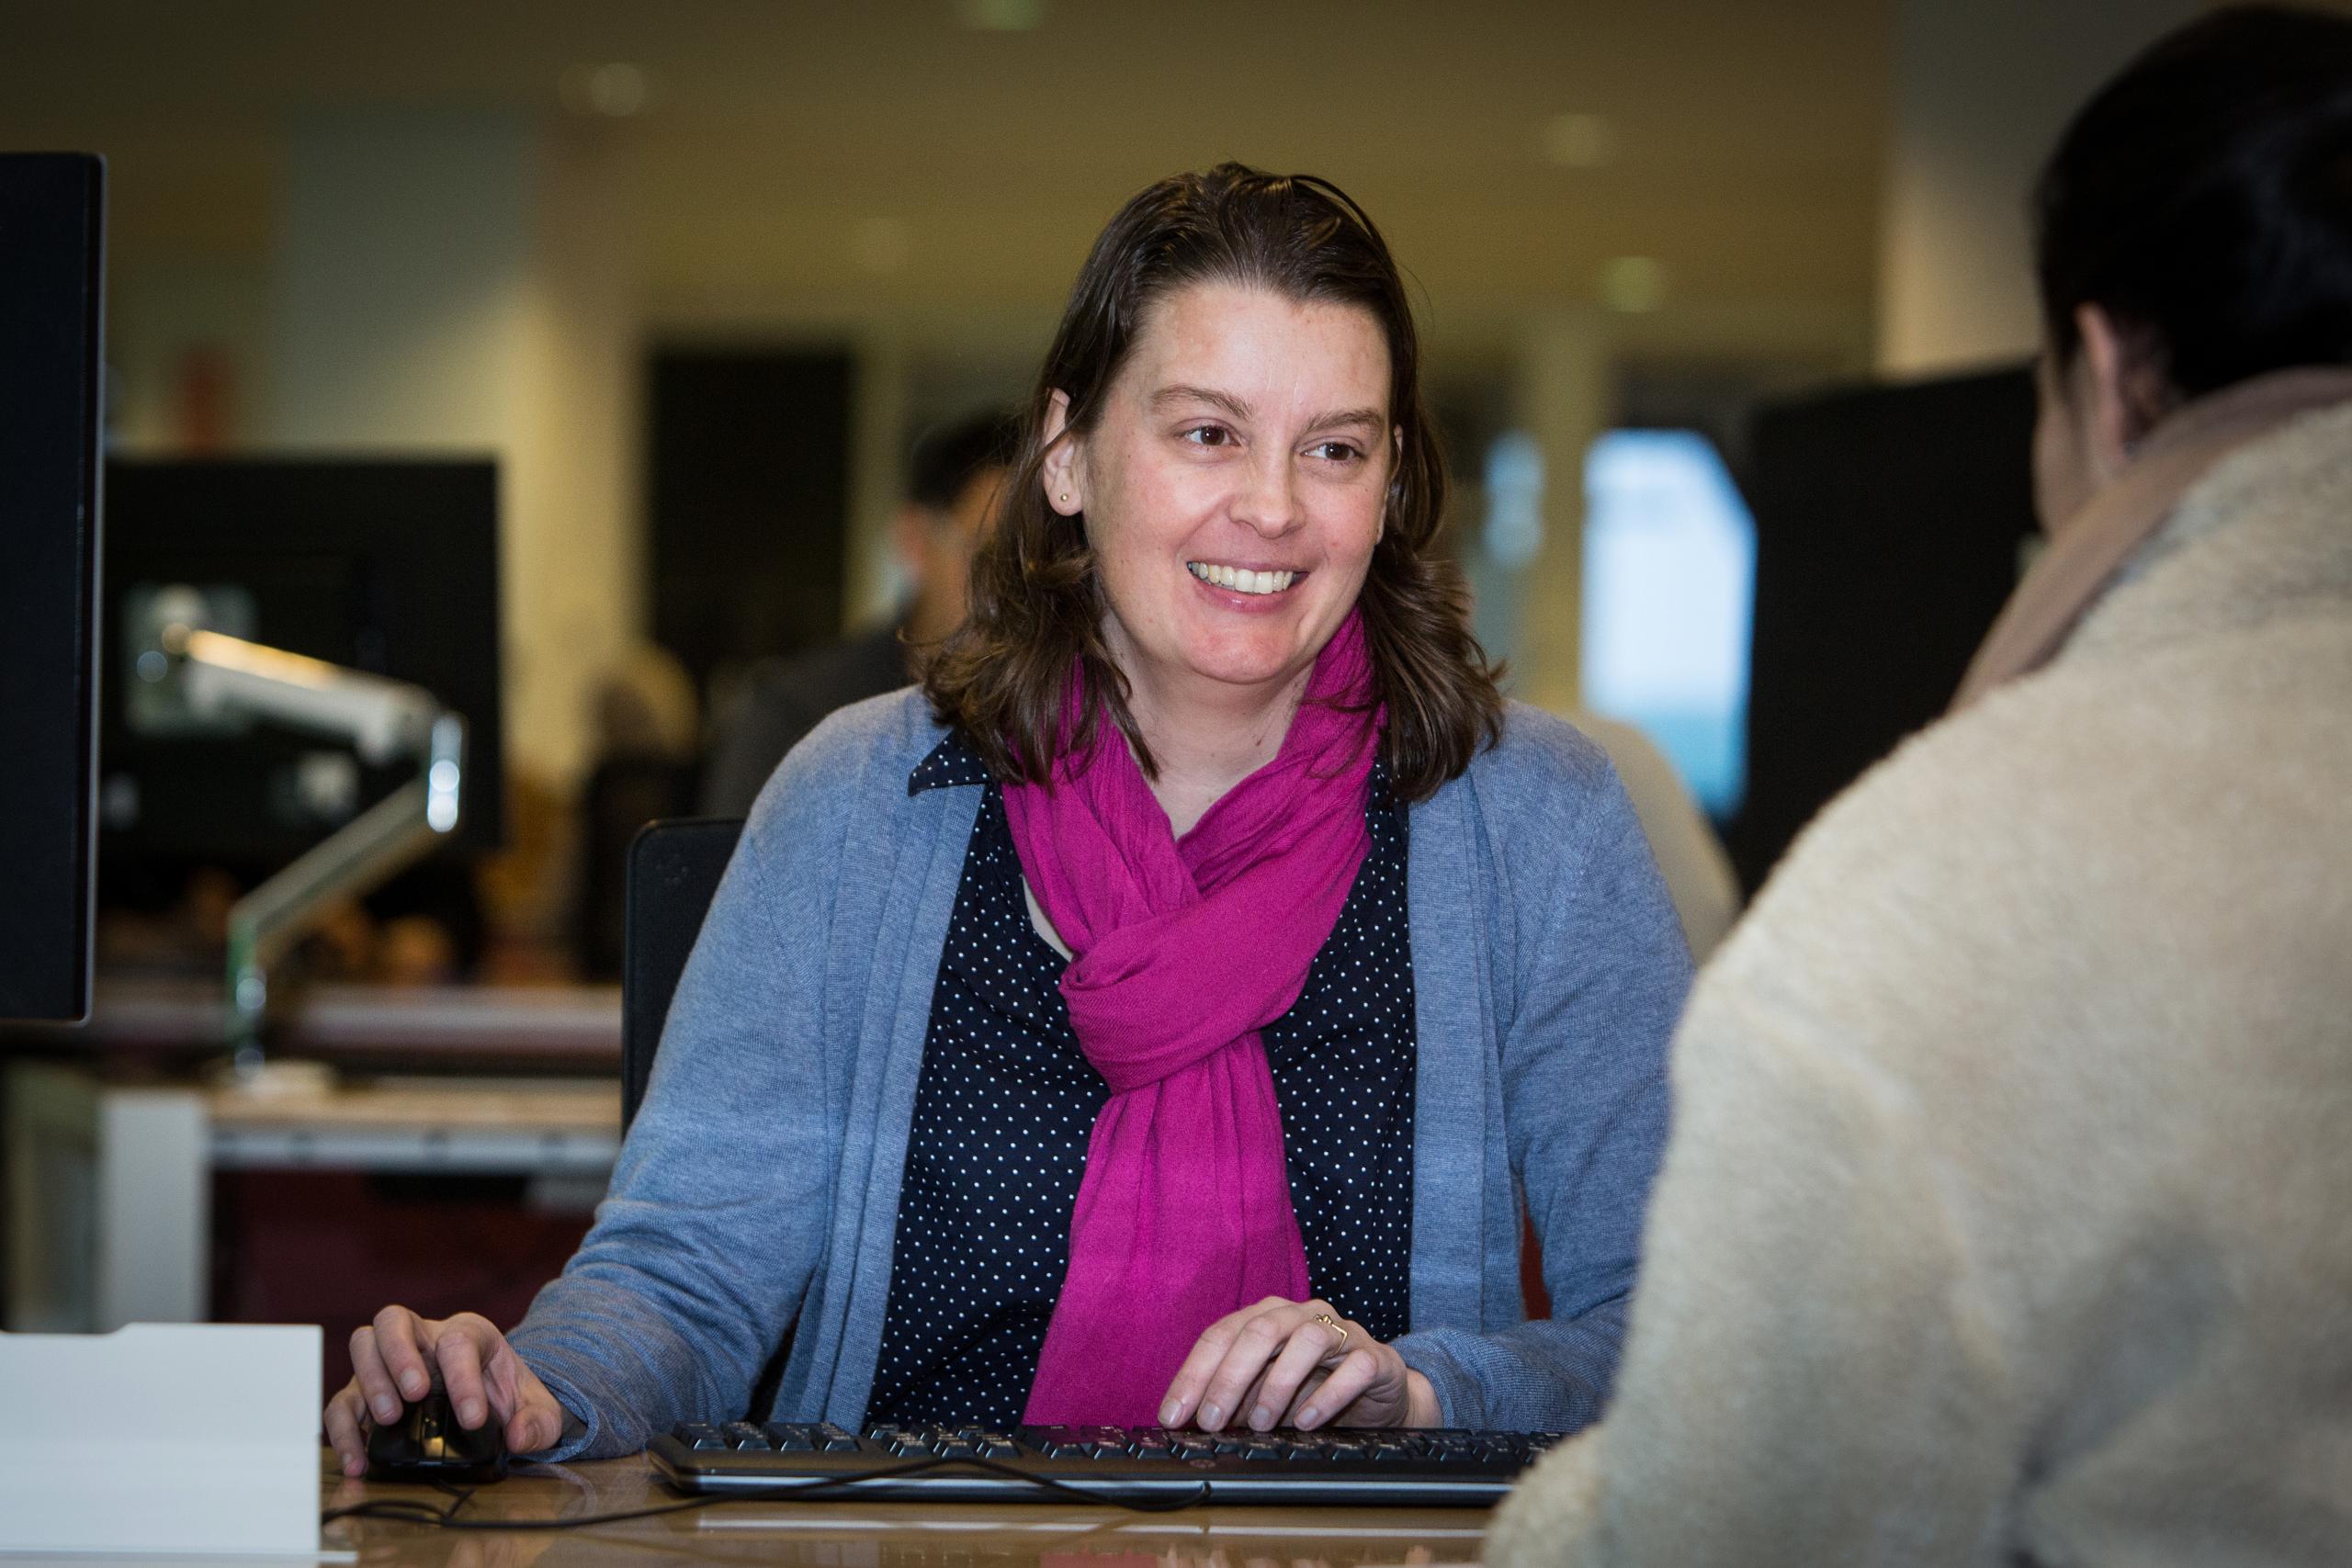 een vrouwelijke collega zit achter een balie en is in gesprek met een inwoner van Utrecht.